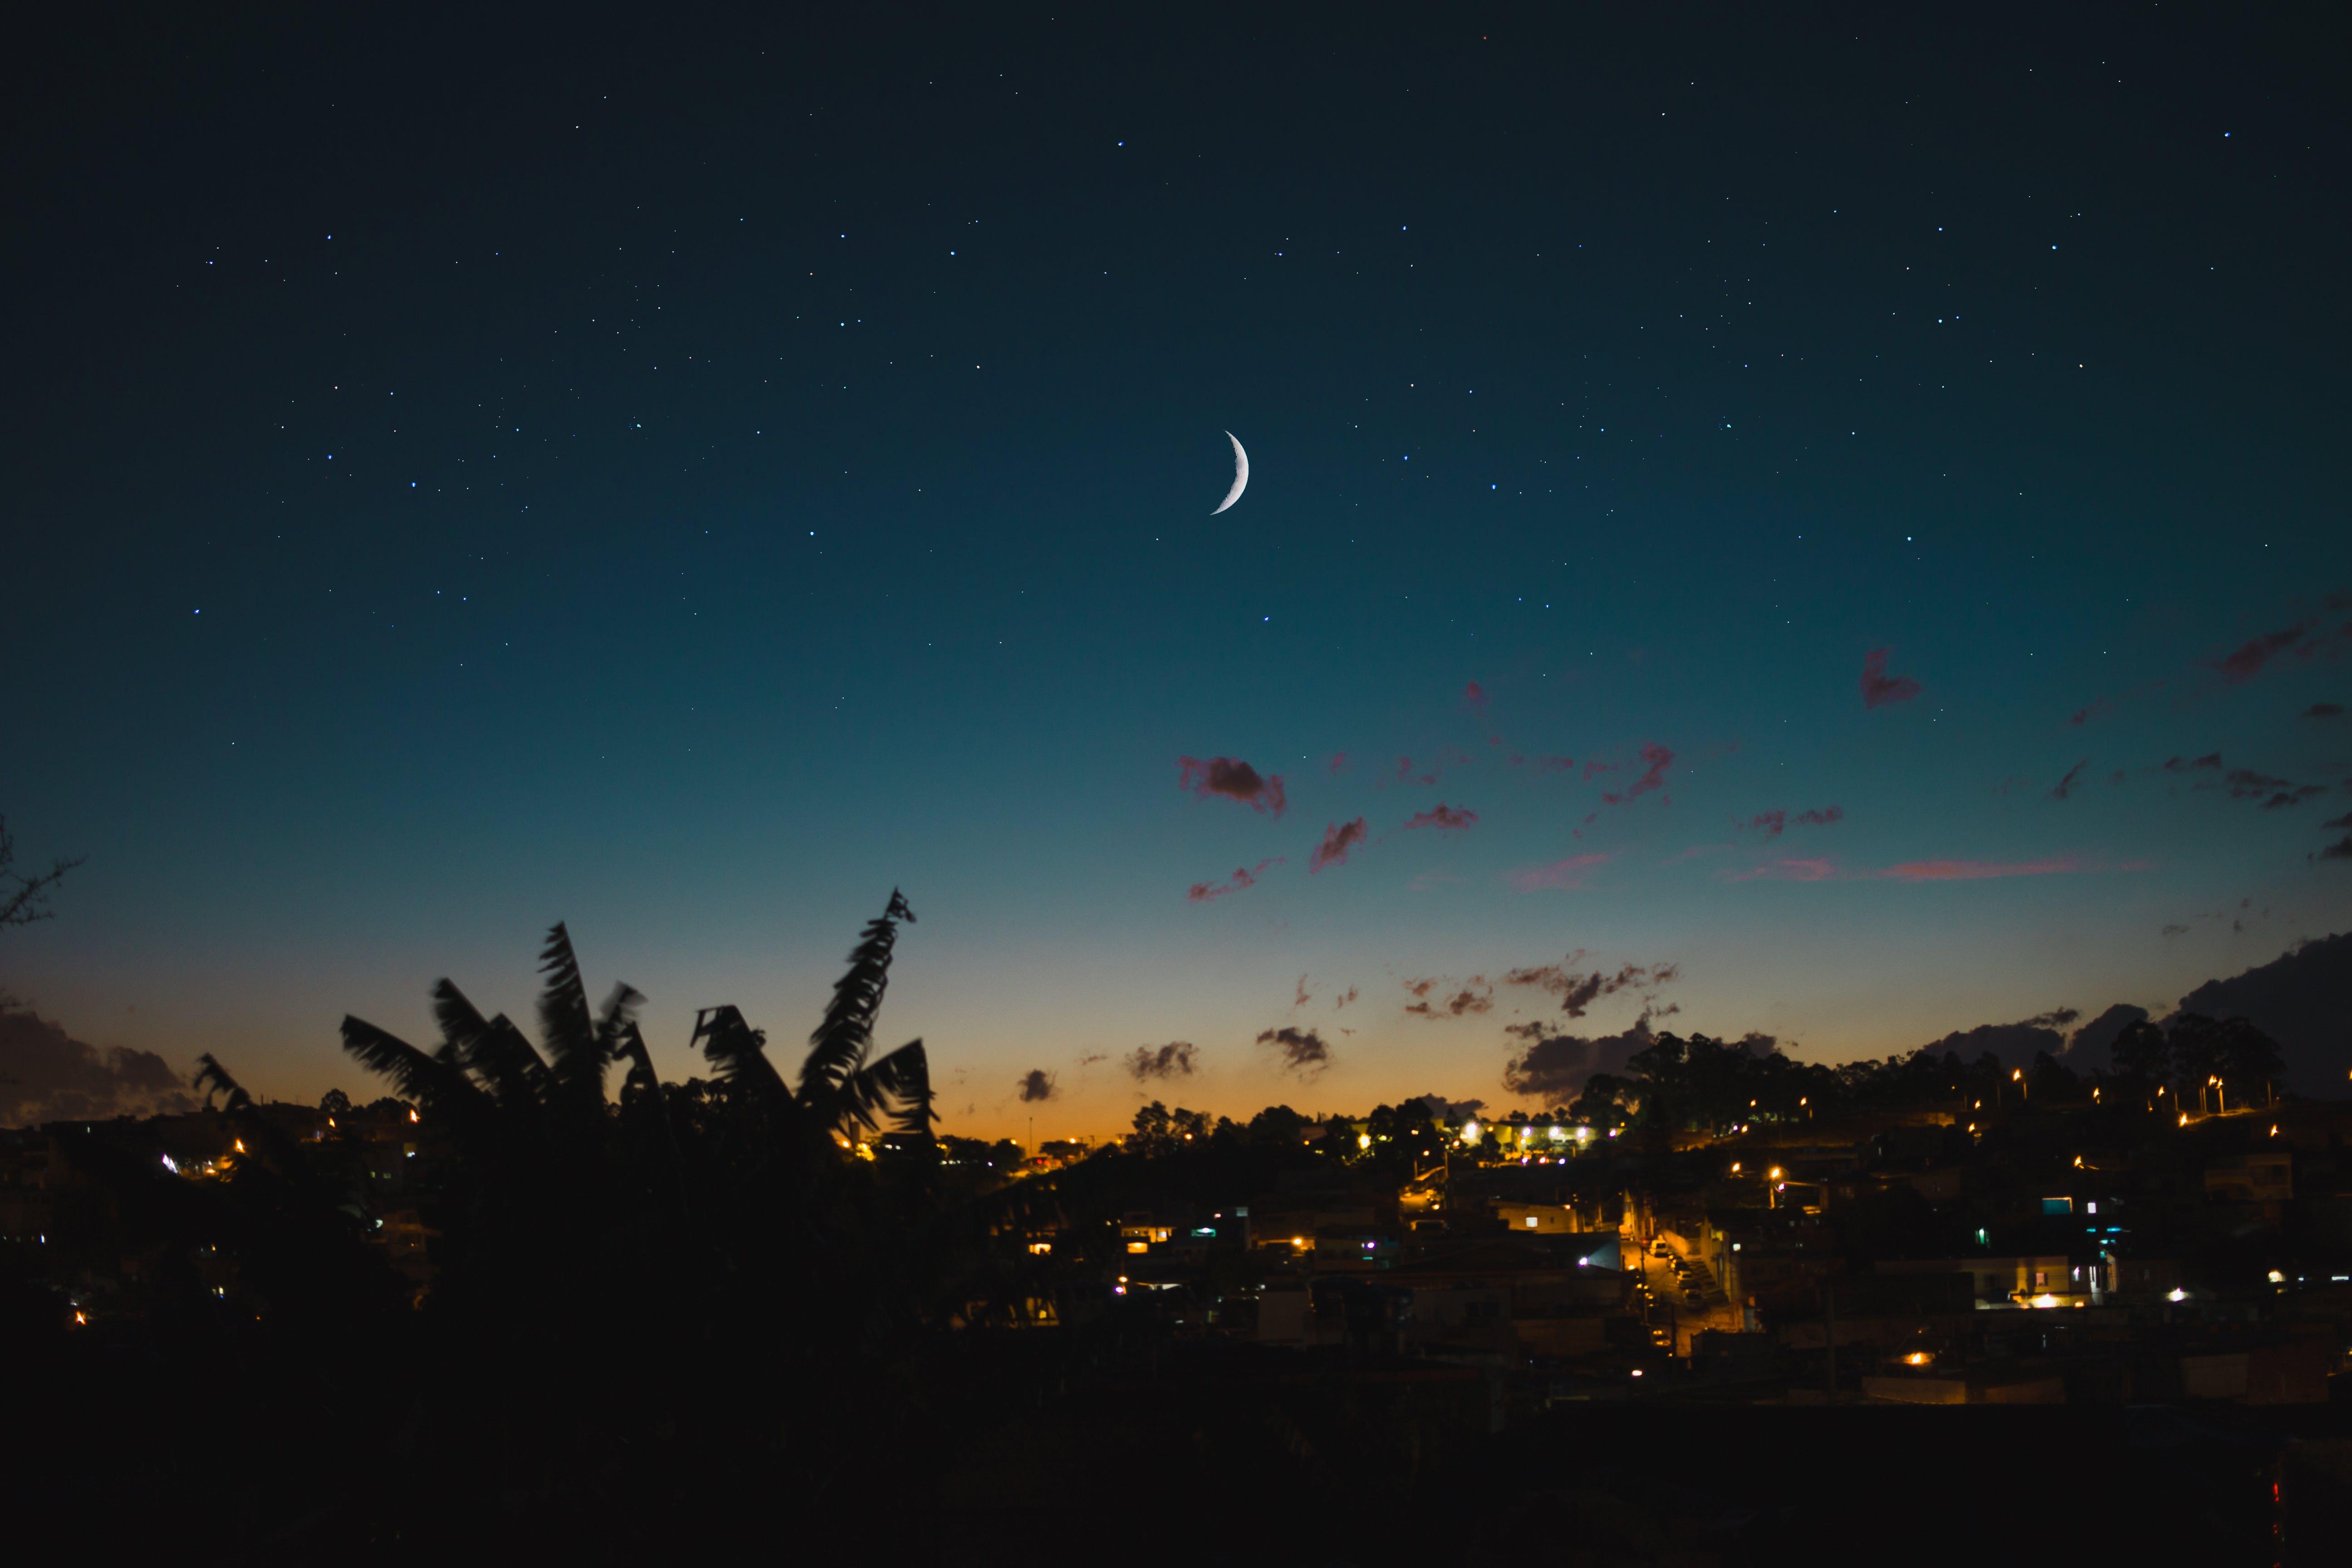 Δωρεάν στοκ φωτογραφιών με Νύχτα, οπίσθιος φωτισμός, ουρανός, σελήνη